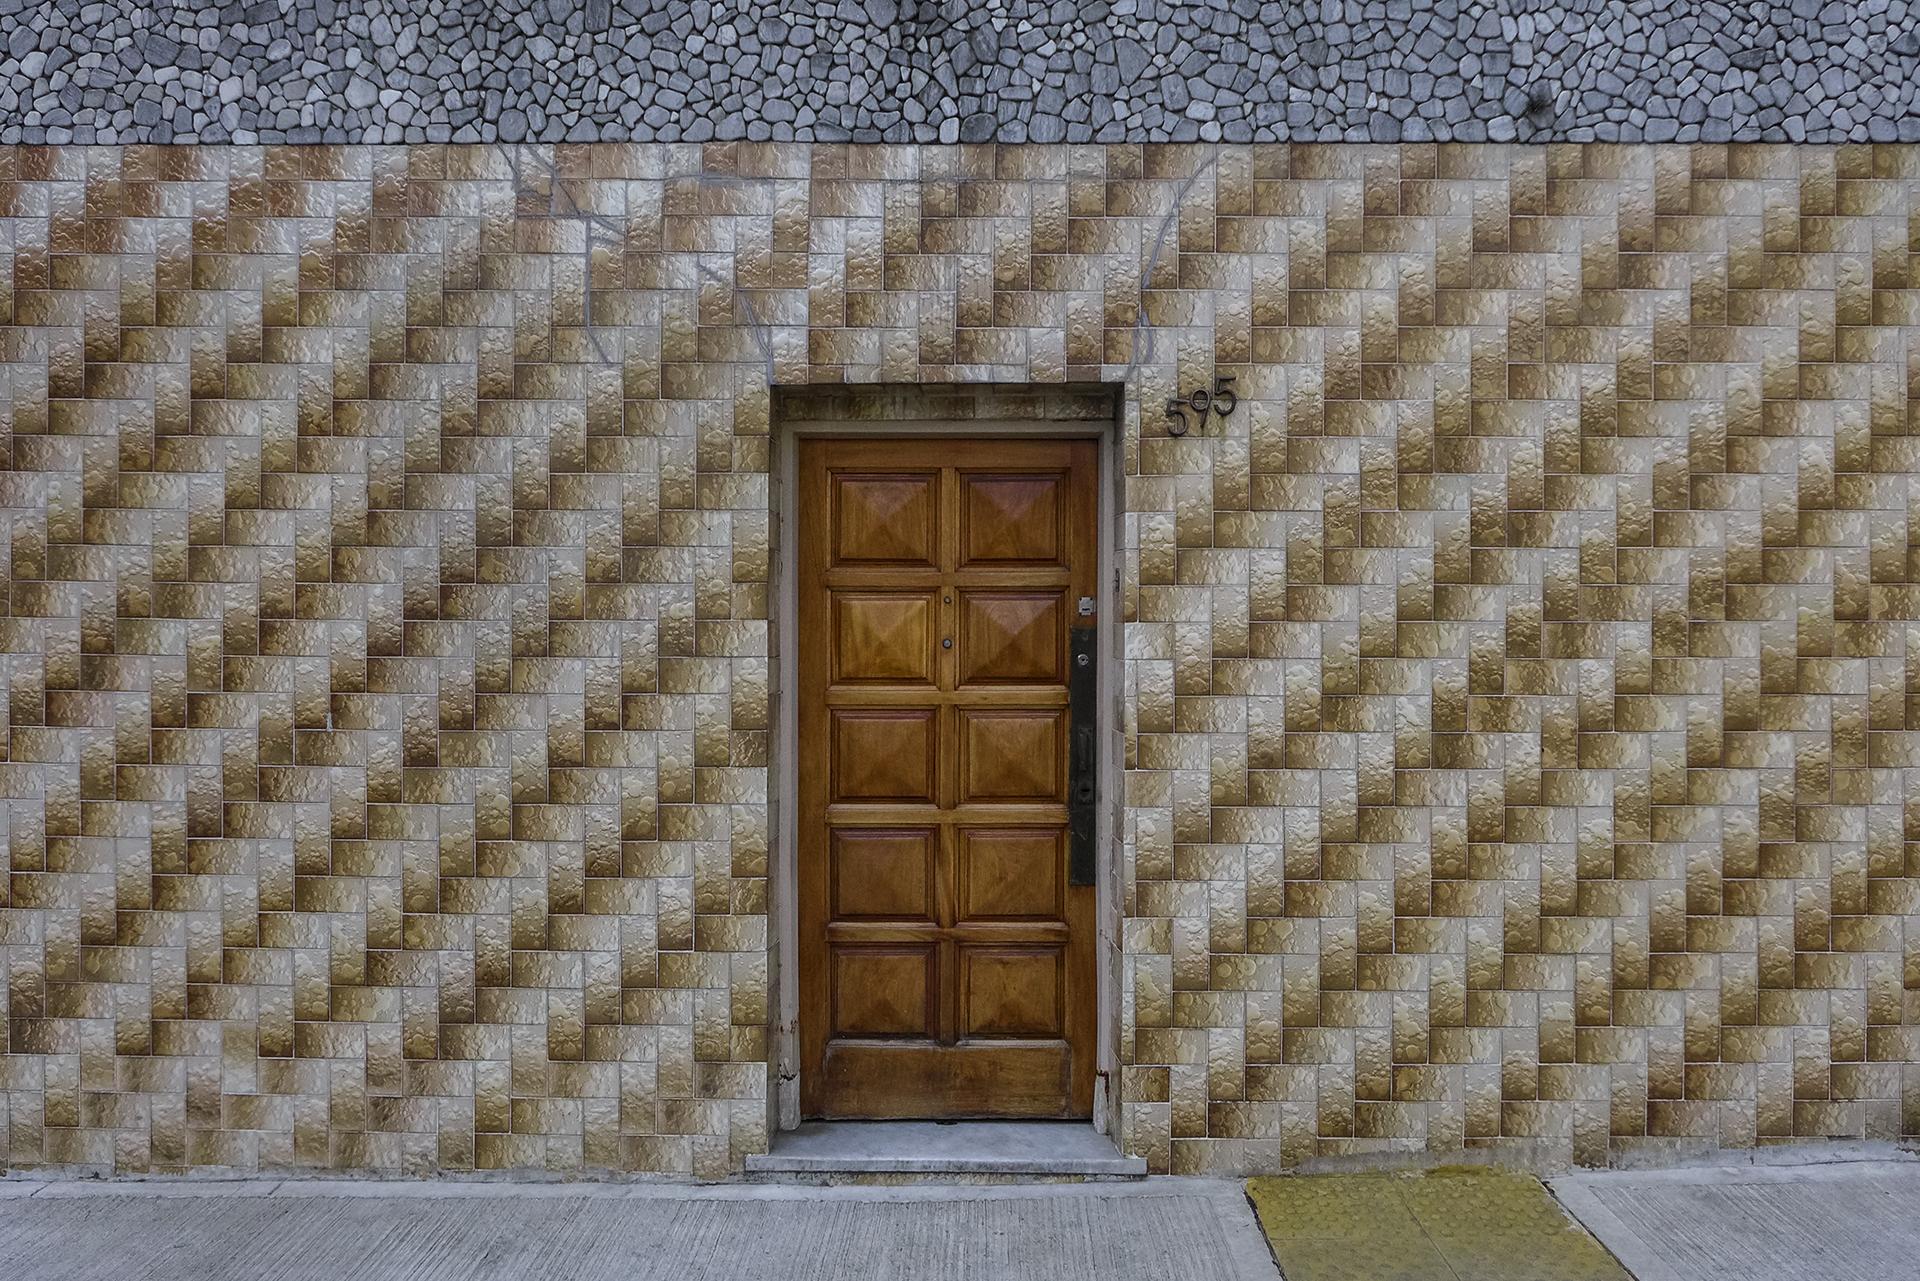 Frente con puerta (Barracas, BA, 2018)